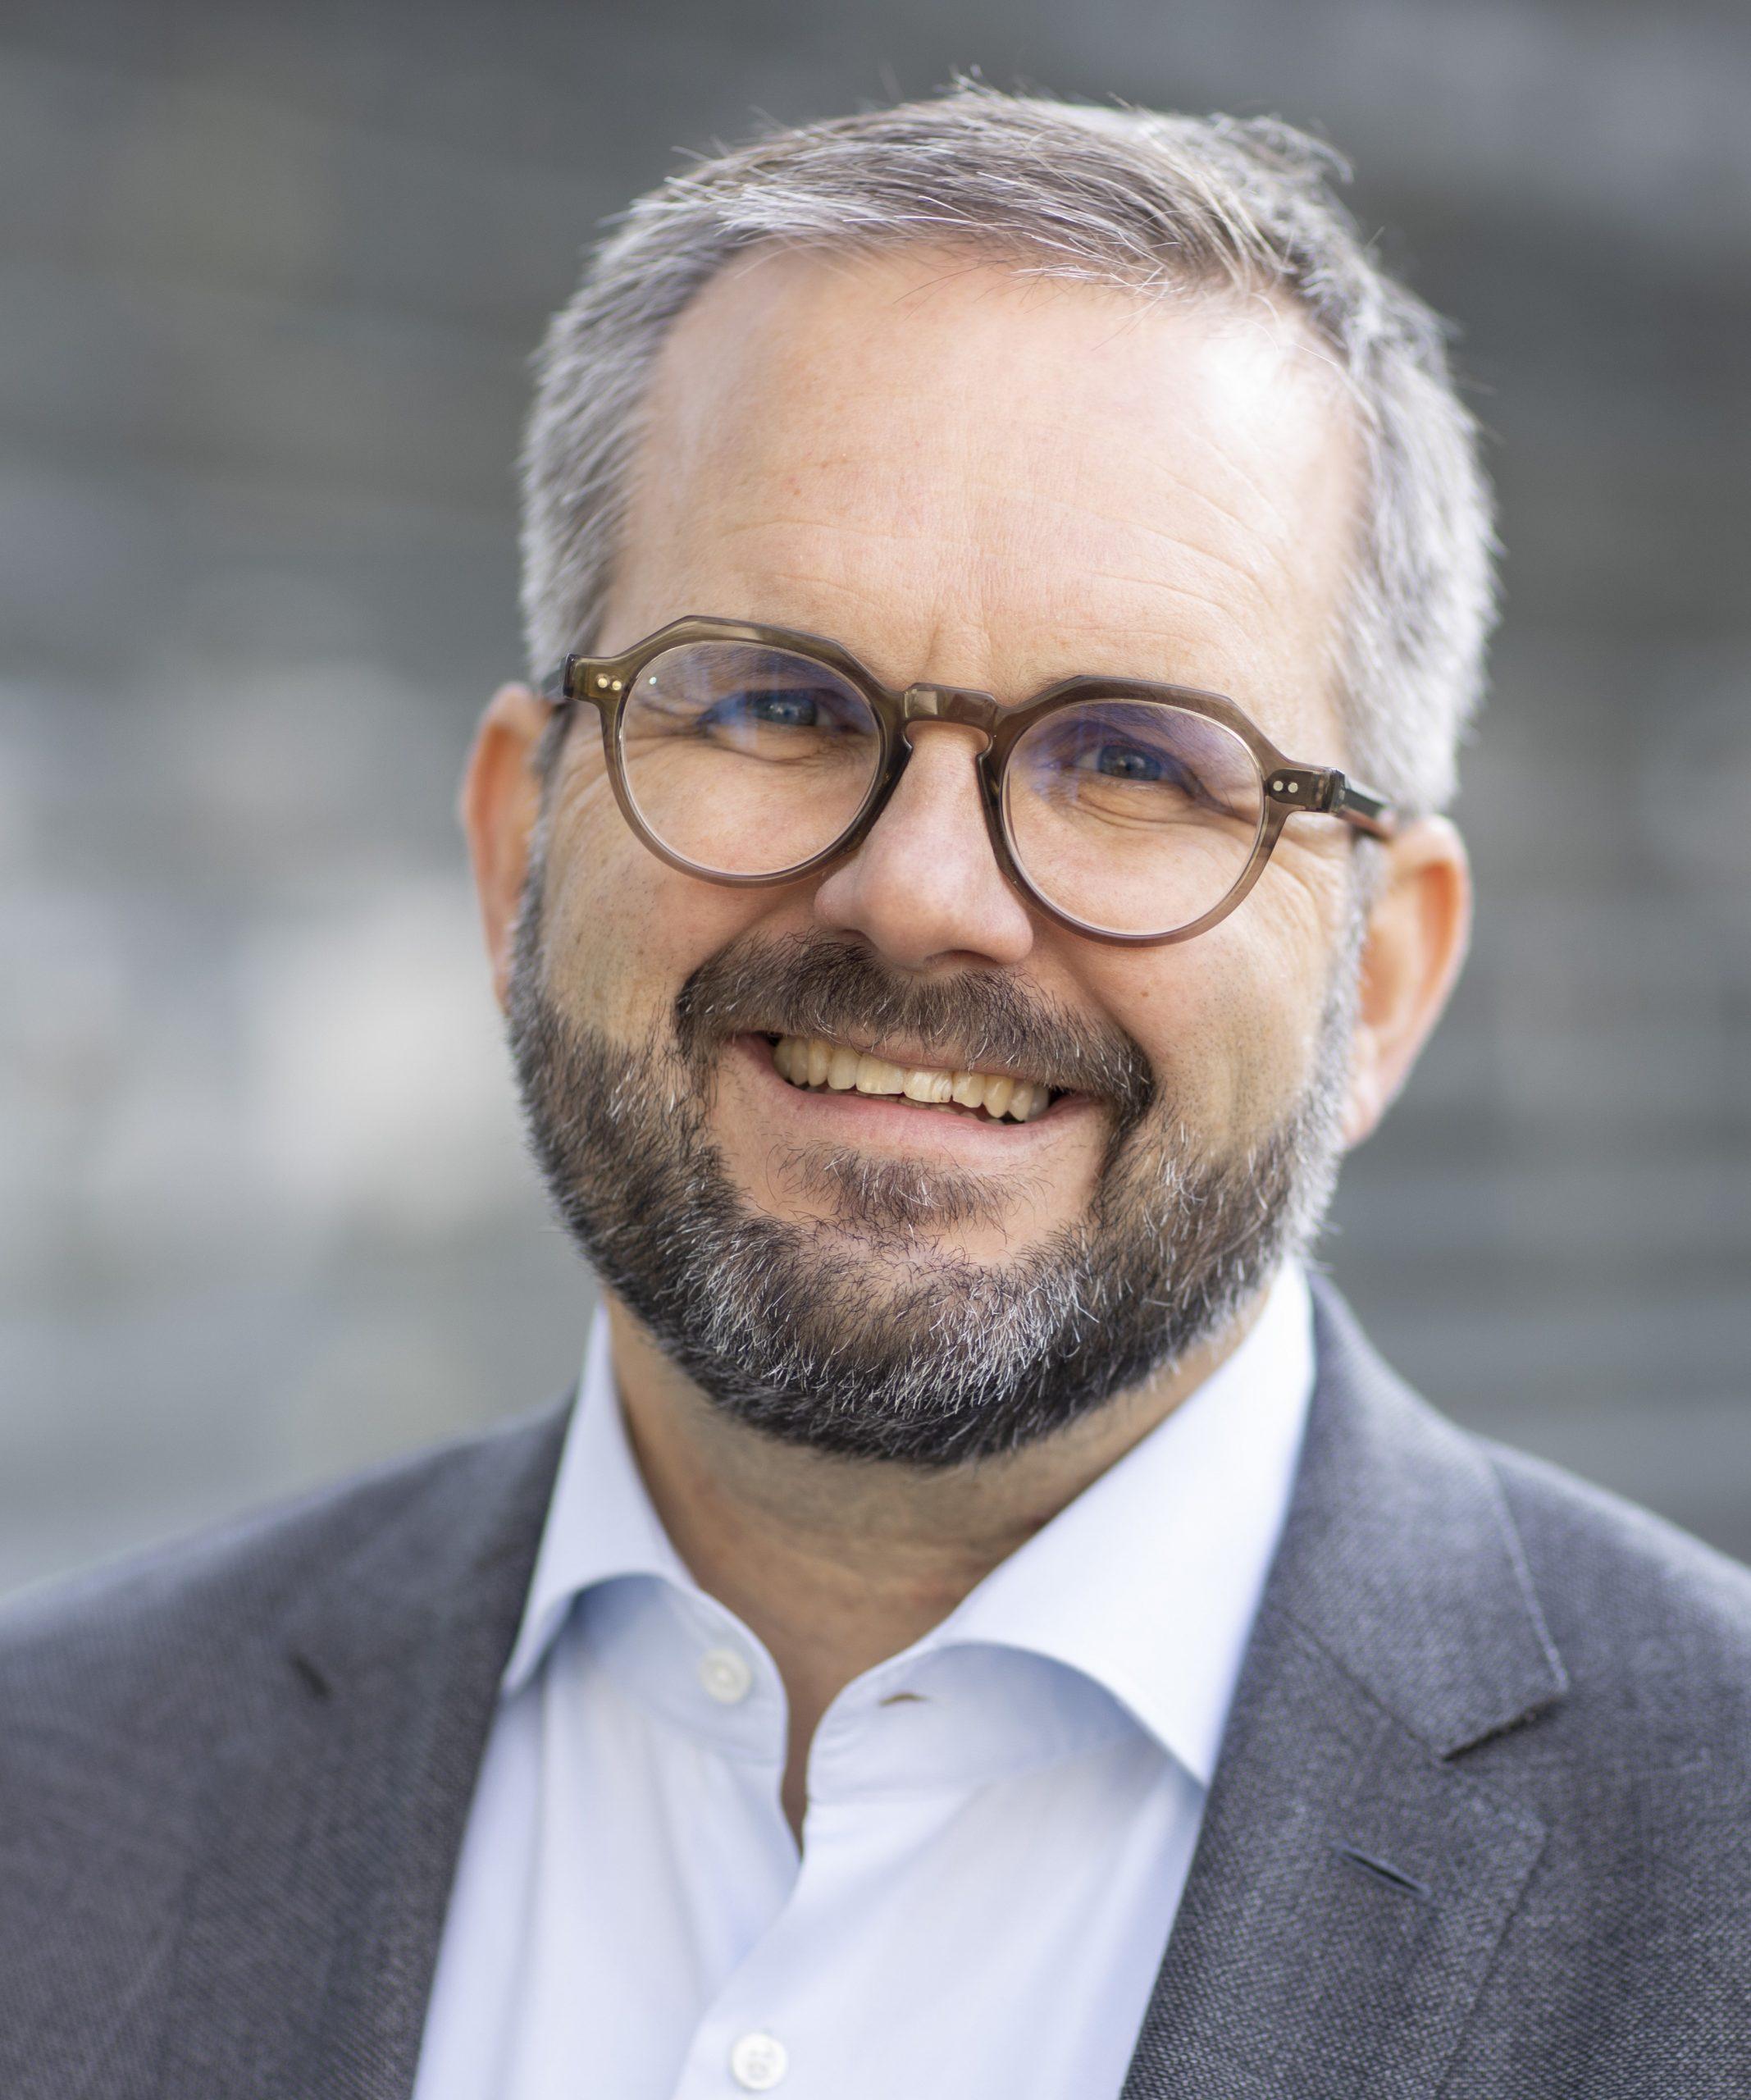 Matthias Berninger